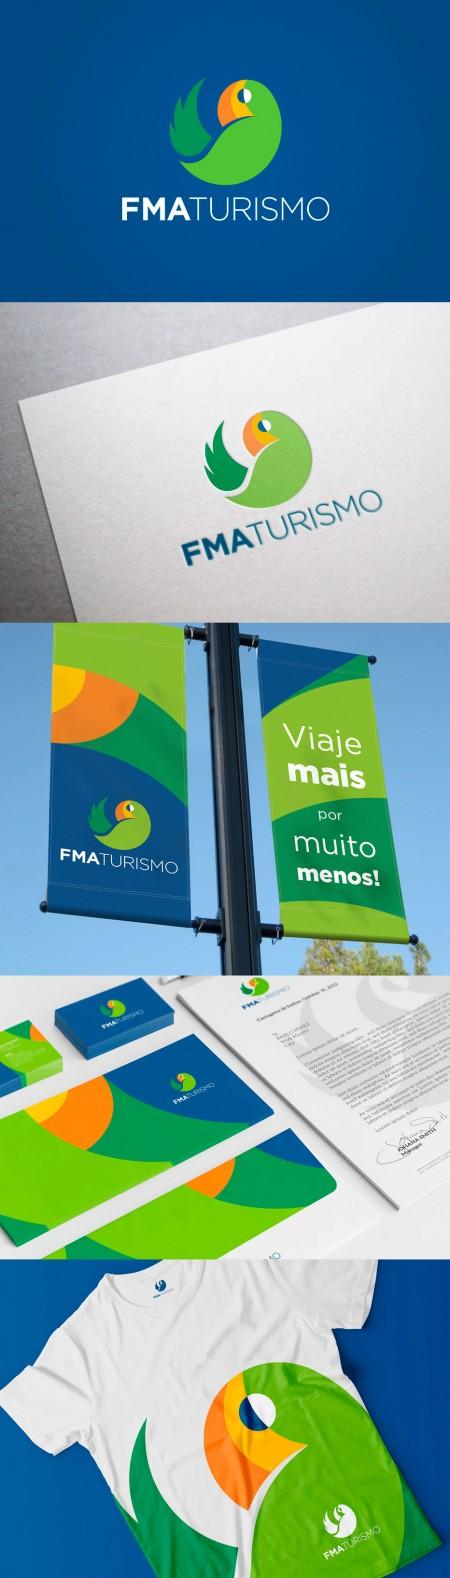 FMA Turismo